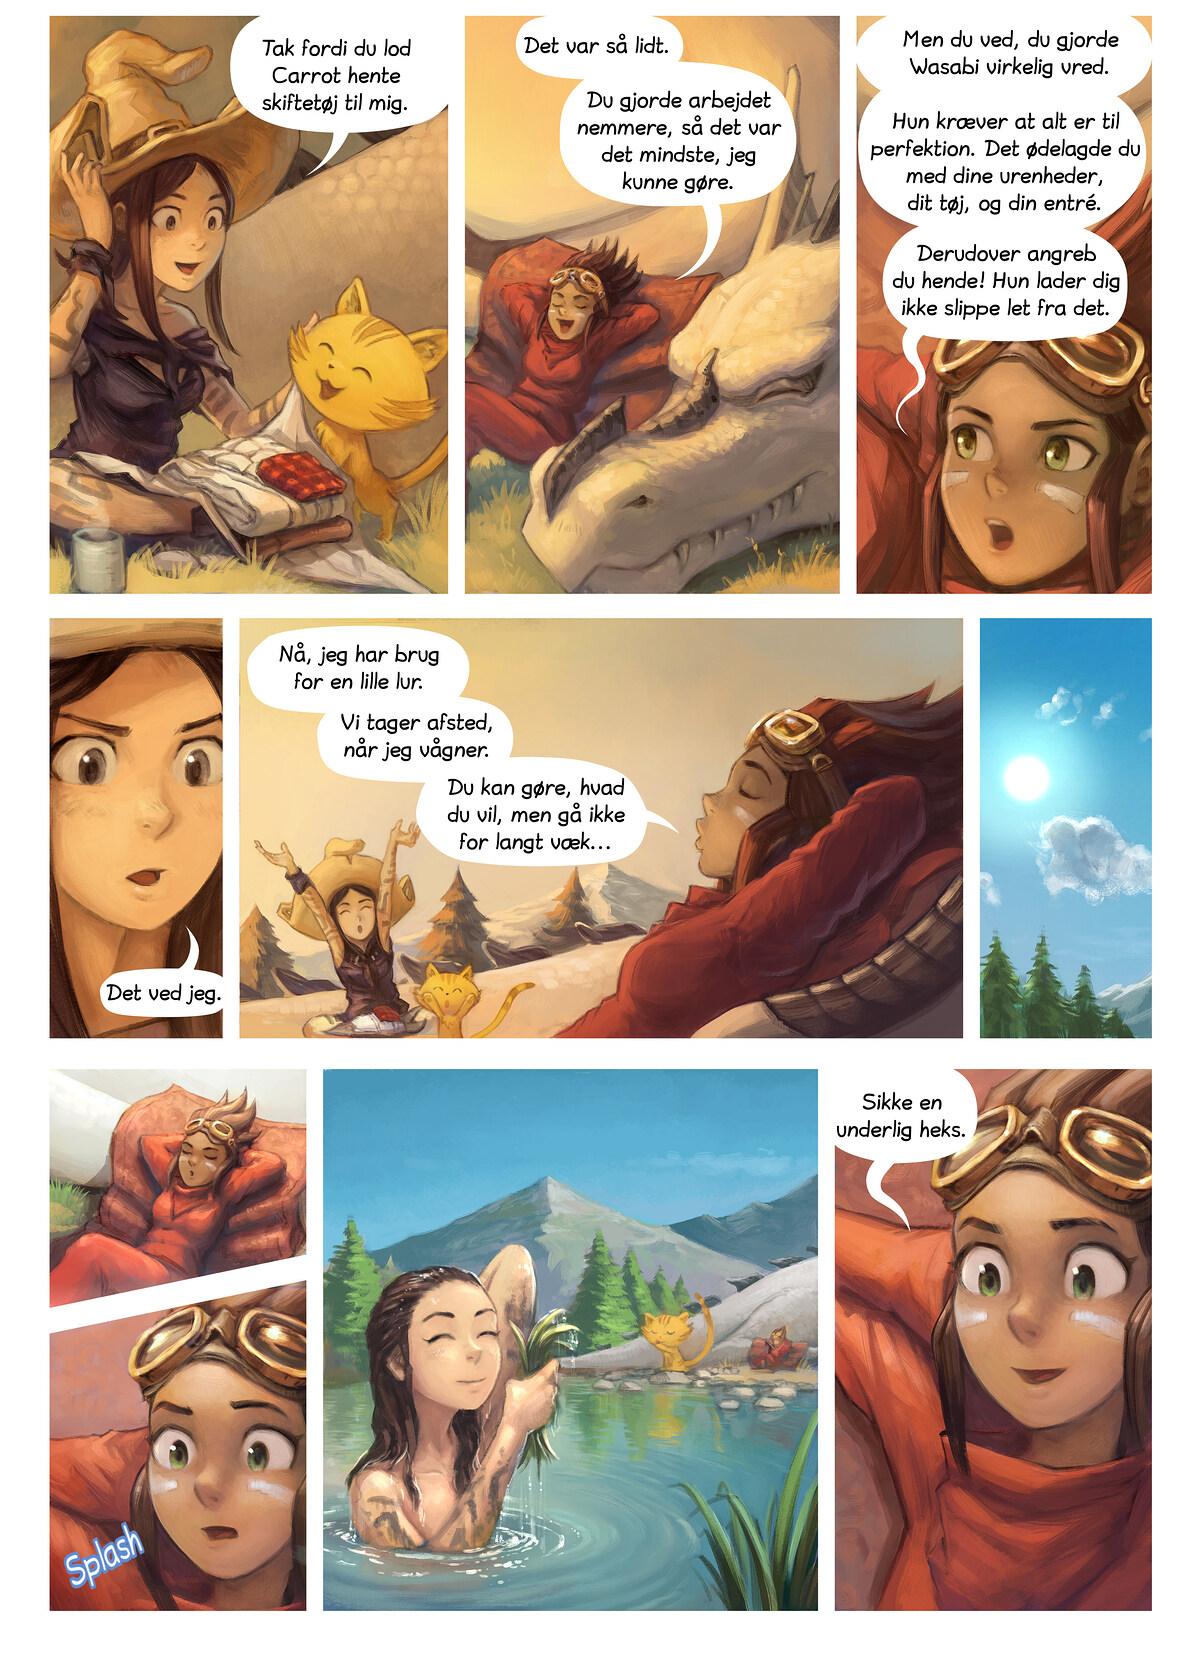 Episode 35: Spejlbilledet, Page 11